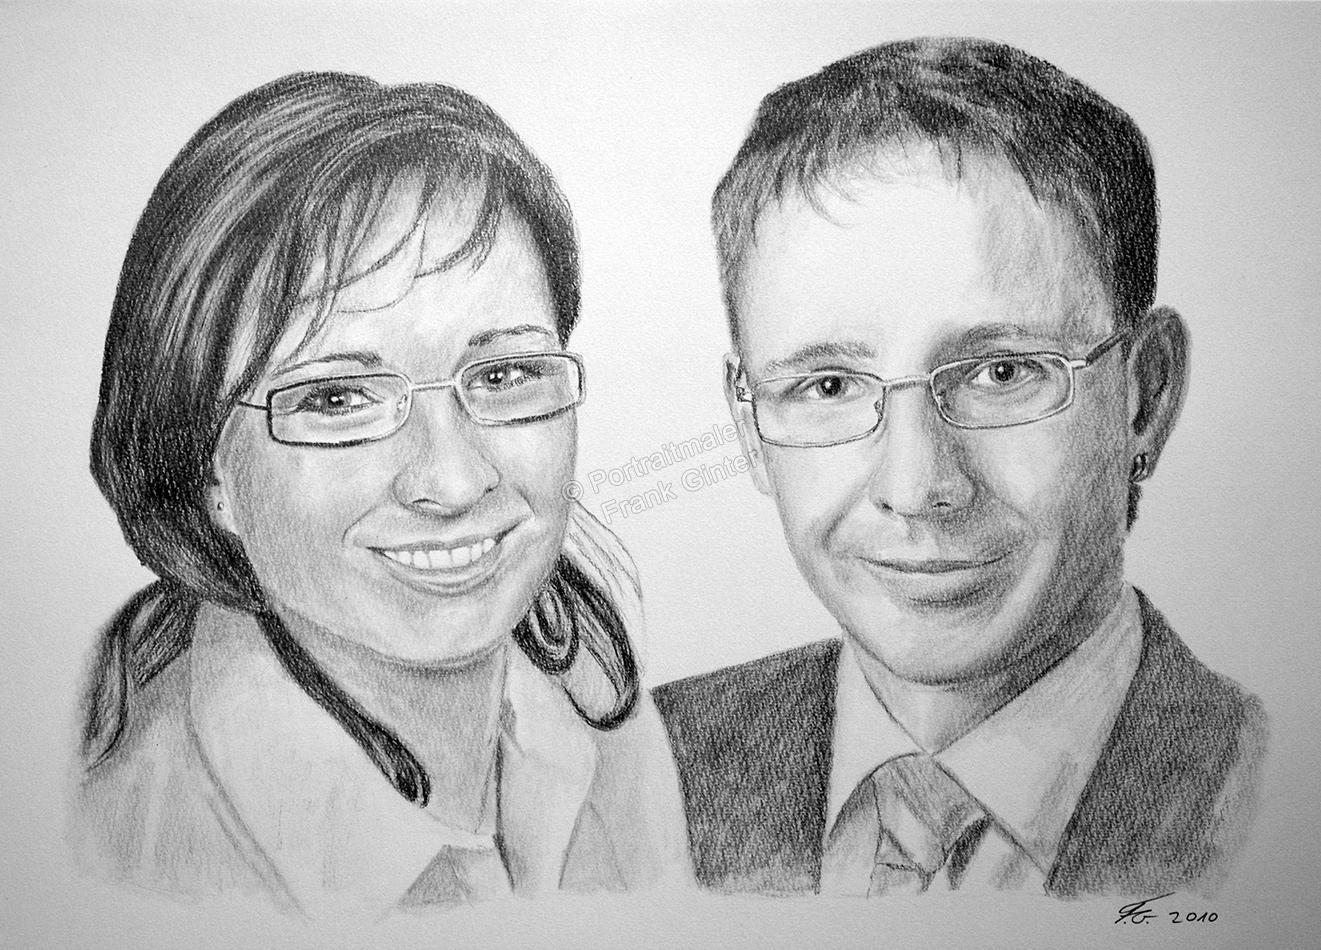 Bleistiftzeichnungen, Portraitzeichnung  von Geschwistern, Kinder Portrait zeichnen lassen, Mann und Frau Paarzeichnung Paarportrait